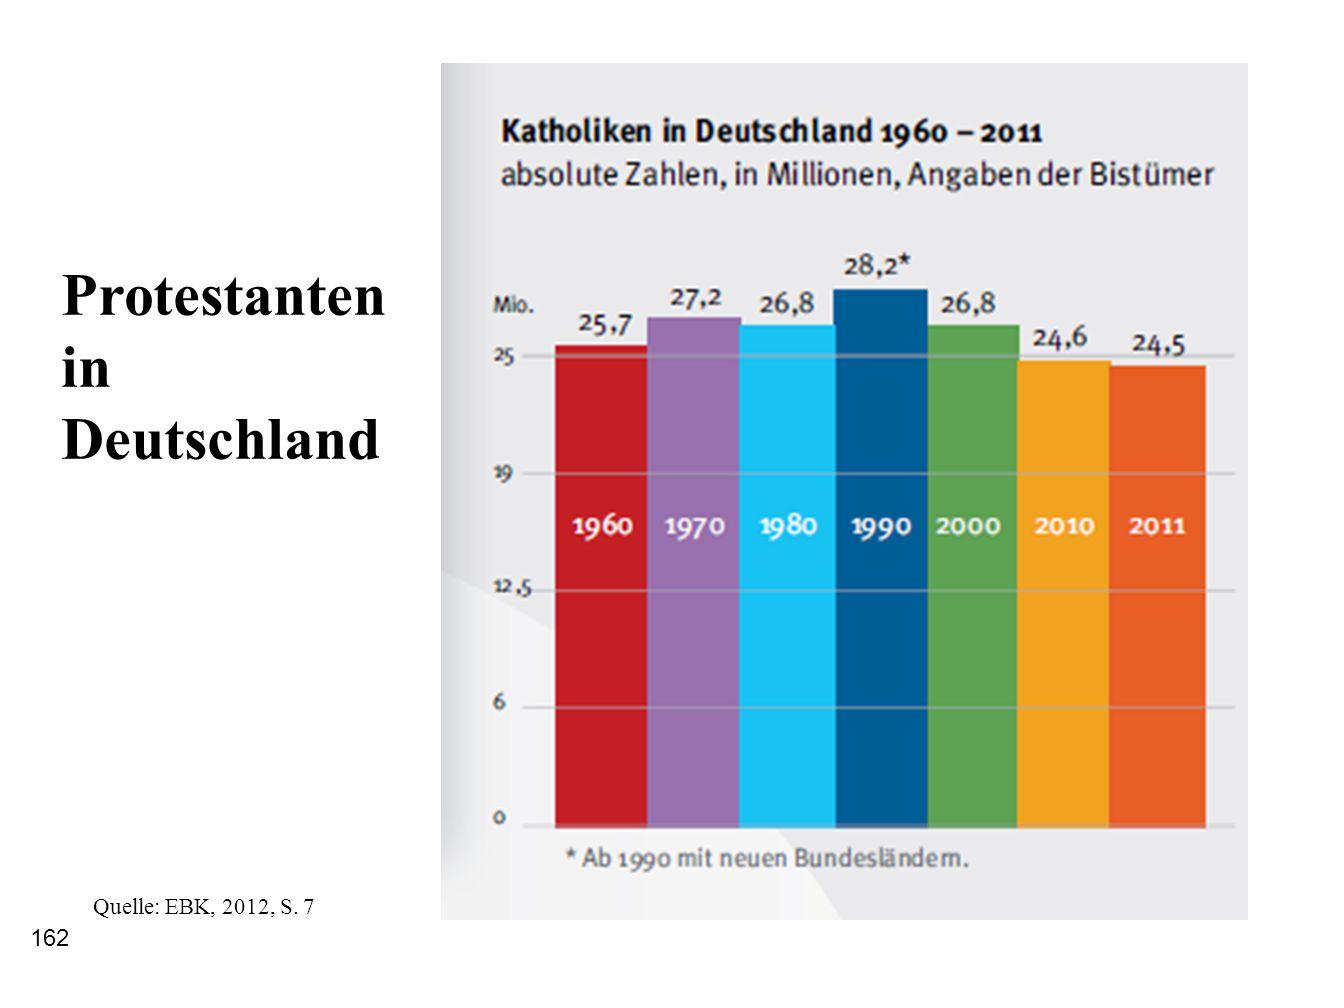 Protestanten in Deutschland